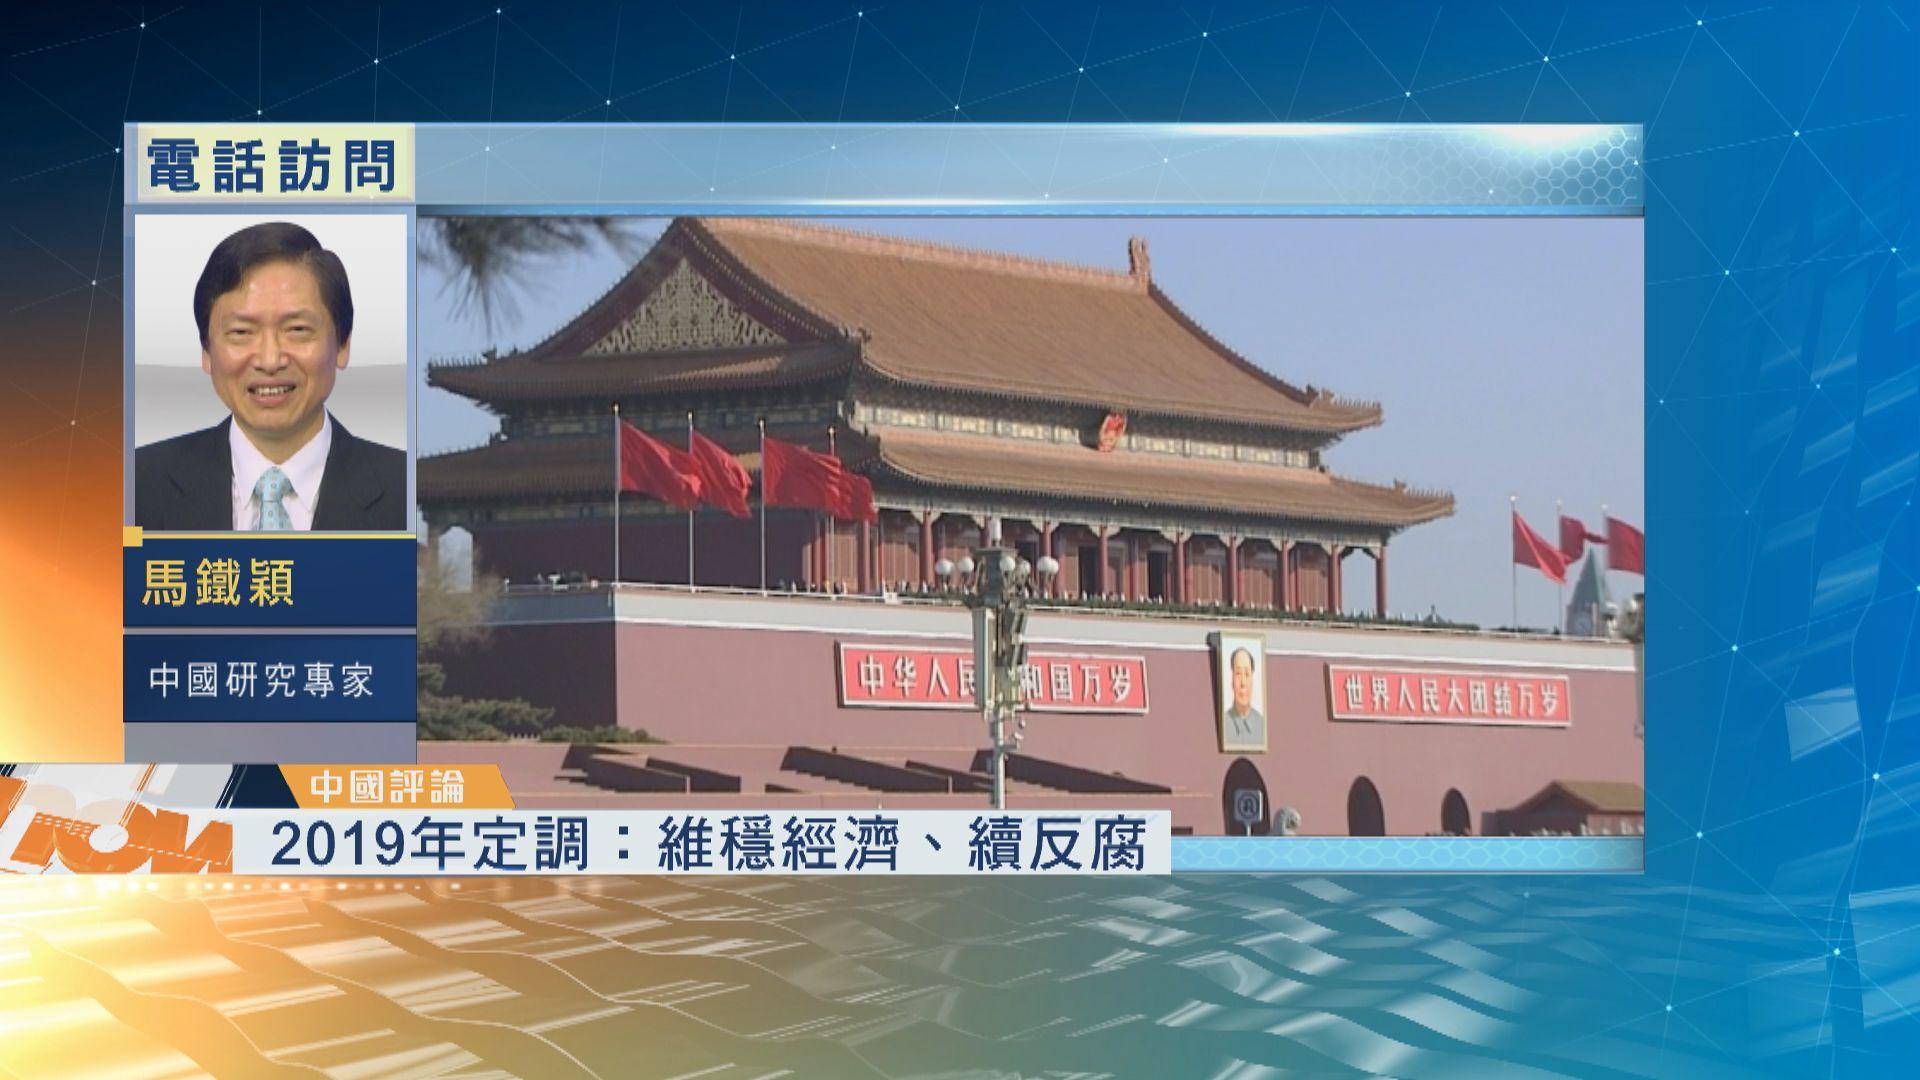 【中國評論】中國經濟下行壓力大